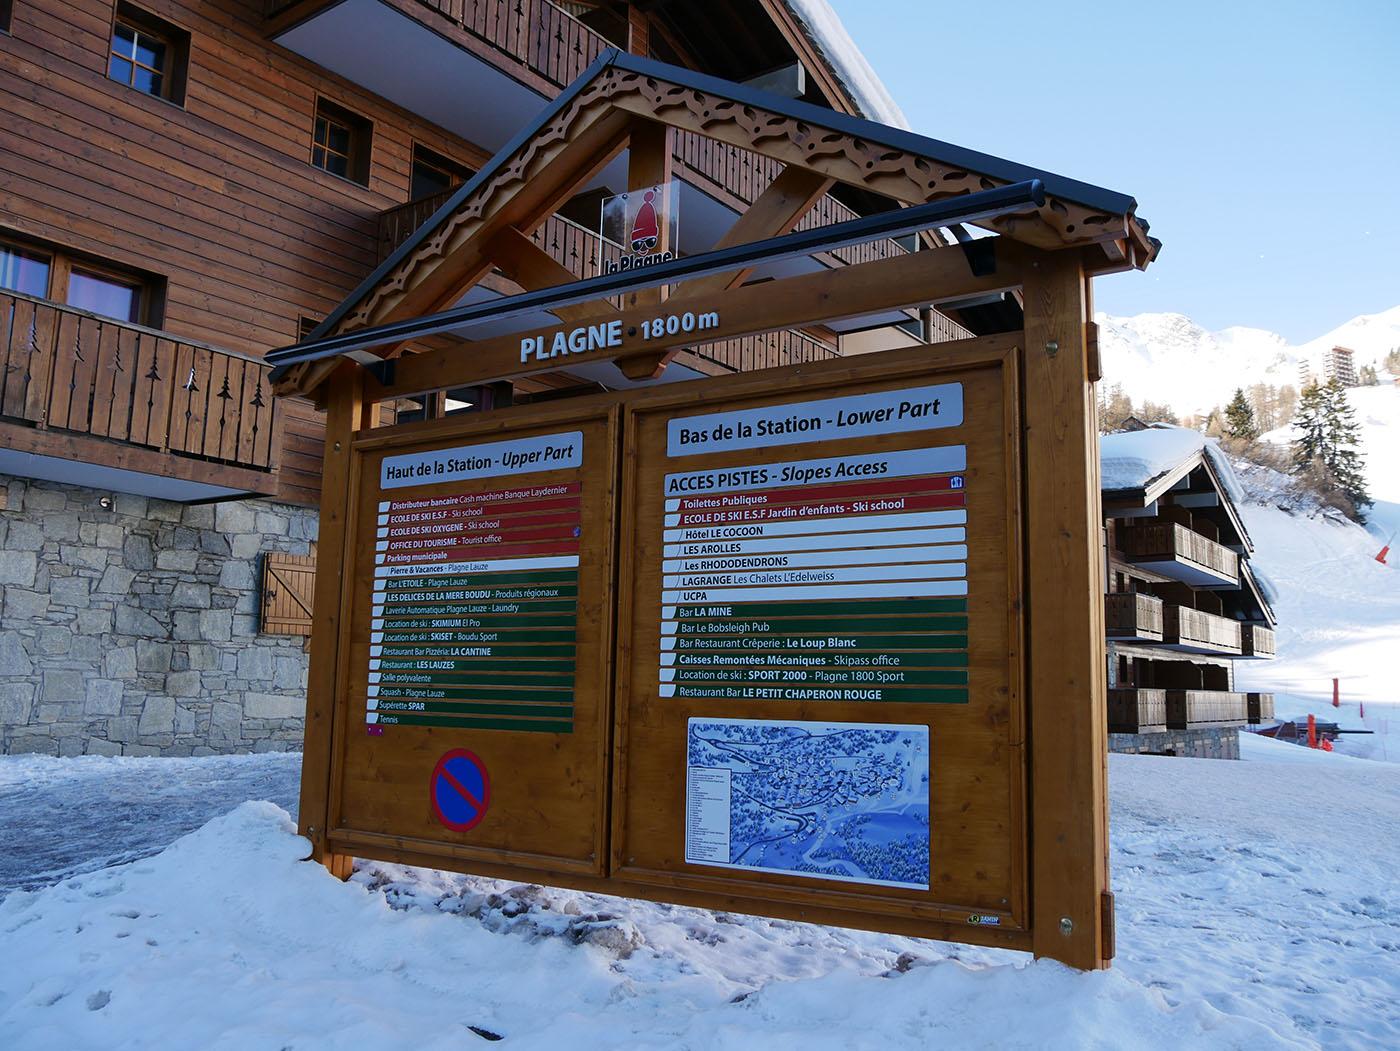 Panneau de La Plagne 1800 avec tous les commerces, disponibles ainsi que les locations de matériel de ski et cours de ski !